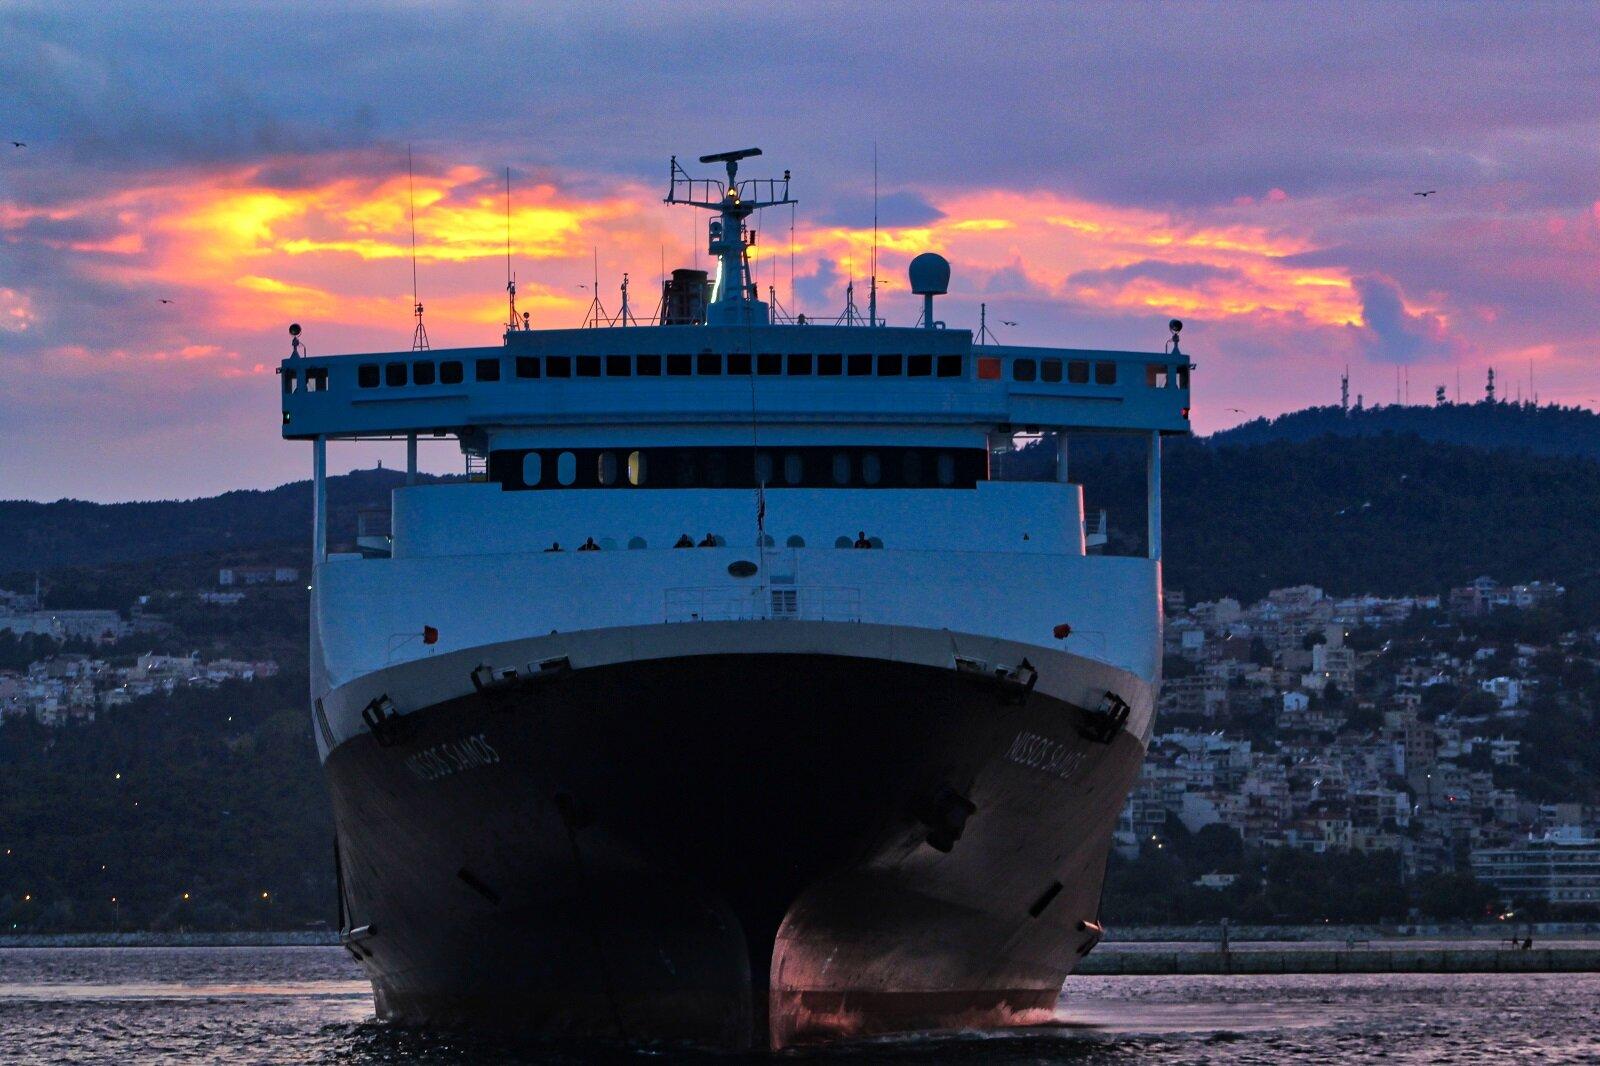 ΝISSOS SAMOS arrival at Kavala Port